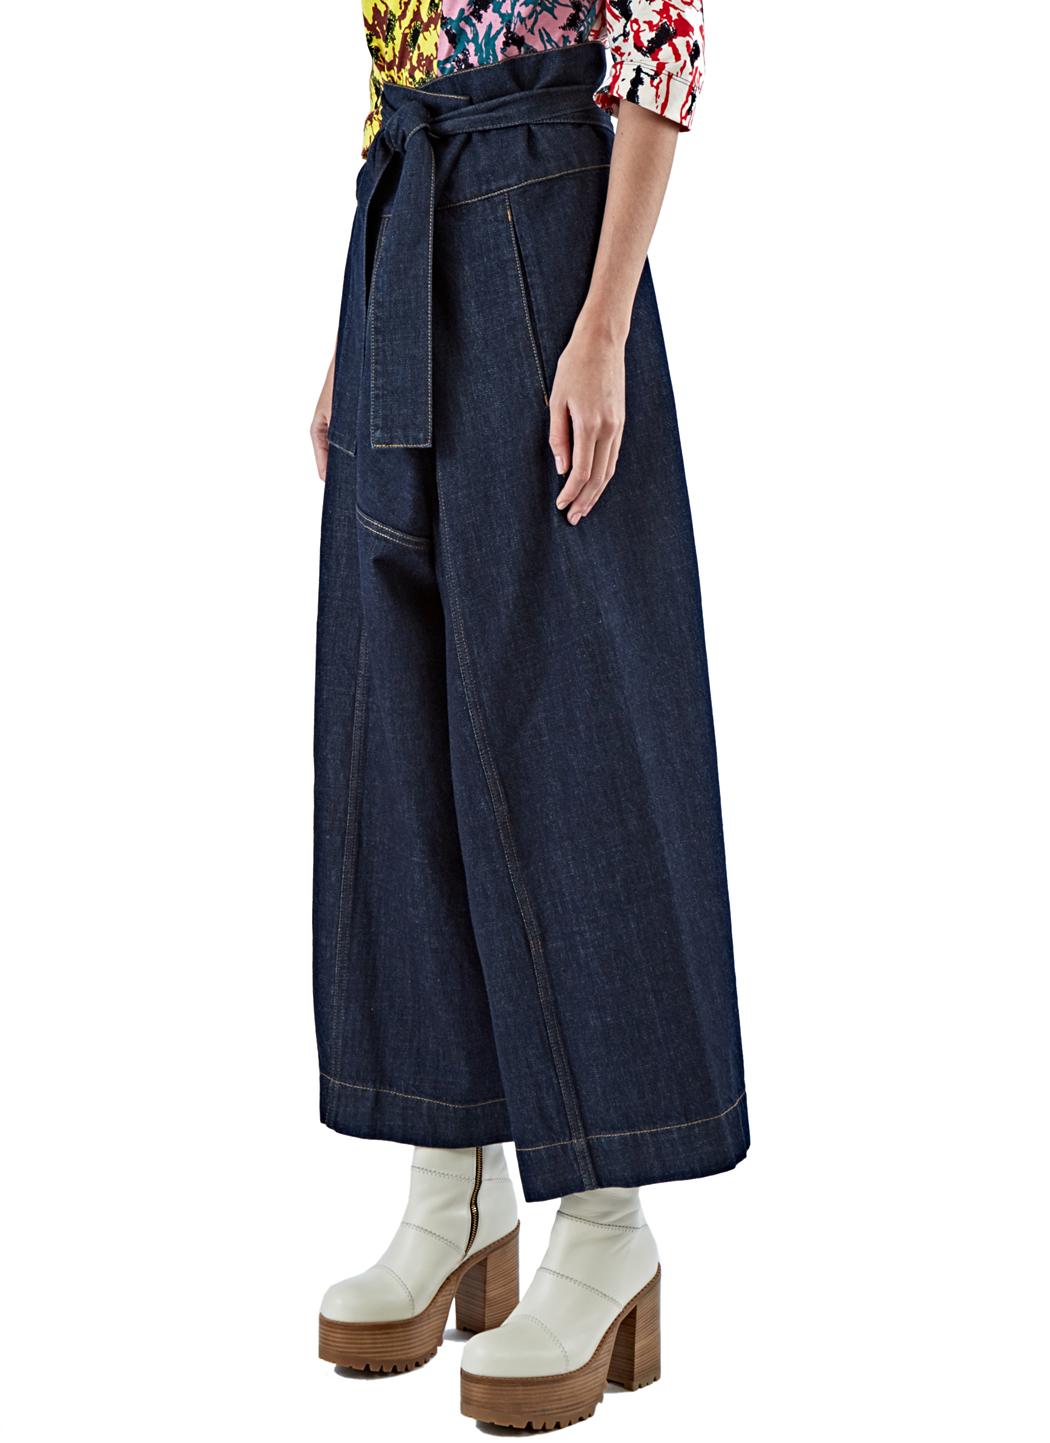 Marni Women's Oversized Wide Leg Jeans In Blue in Blue